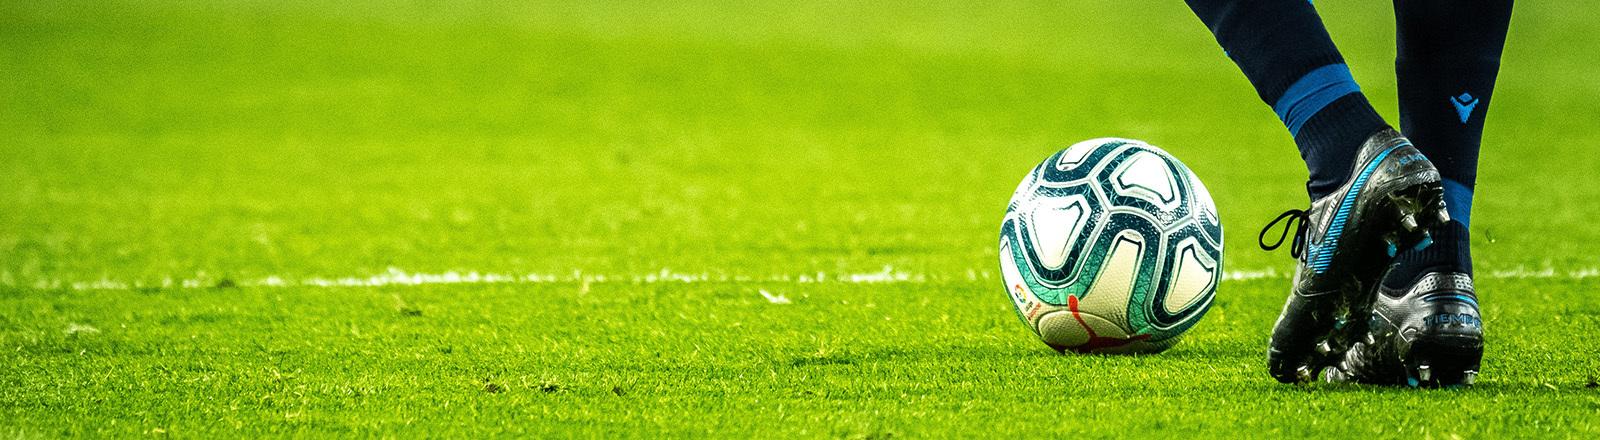 Fußball Spieler Rasen